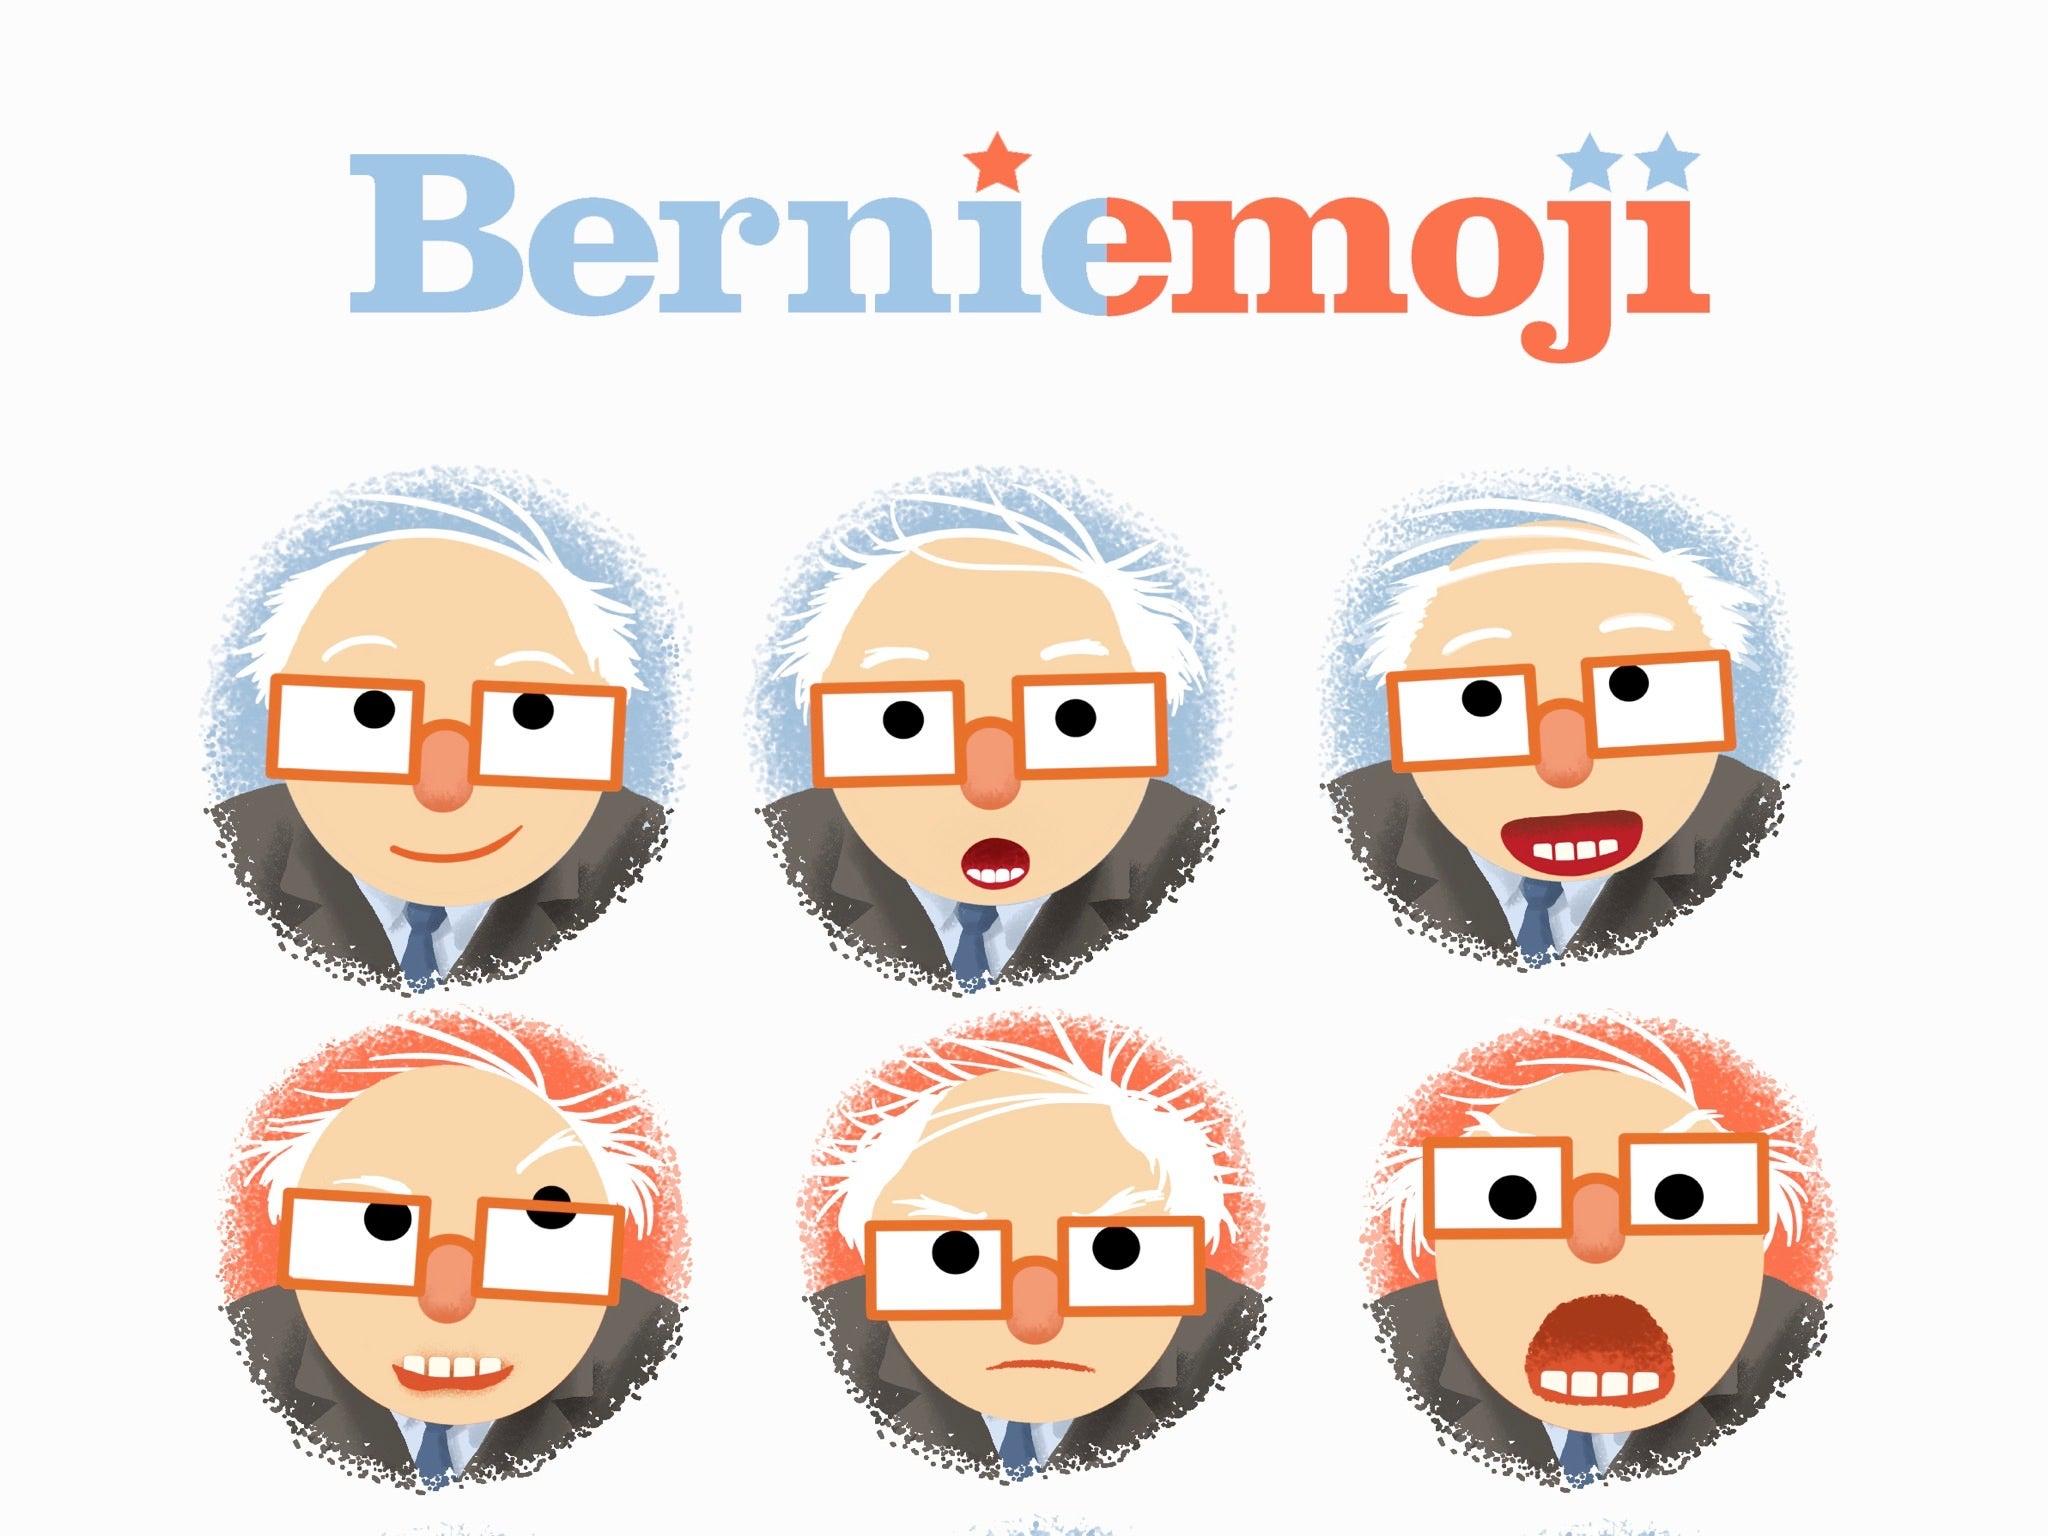 Bernie Sanders Wallpaper Download: Bernie Sanders Has Got His Own Set Of Emojis